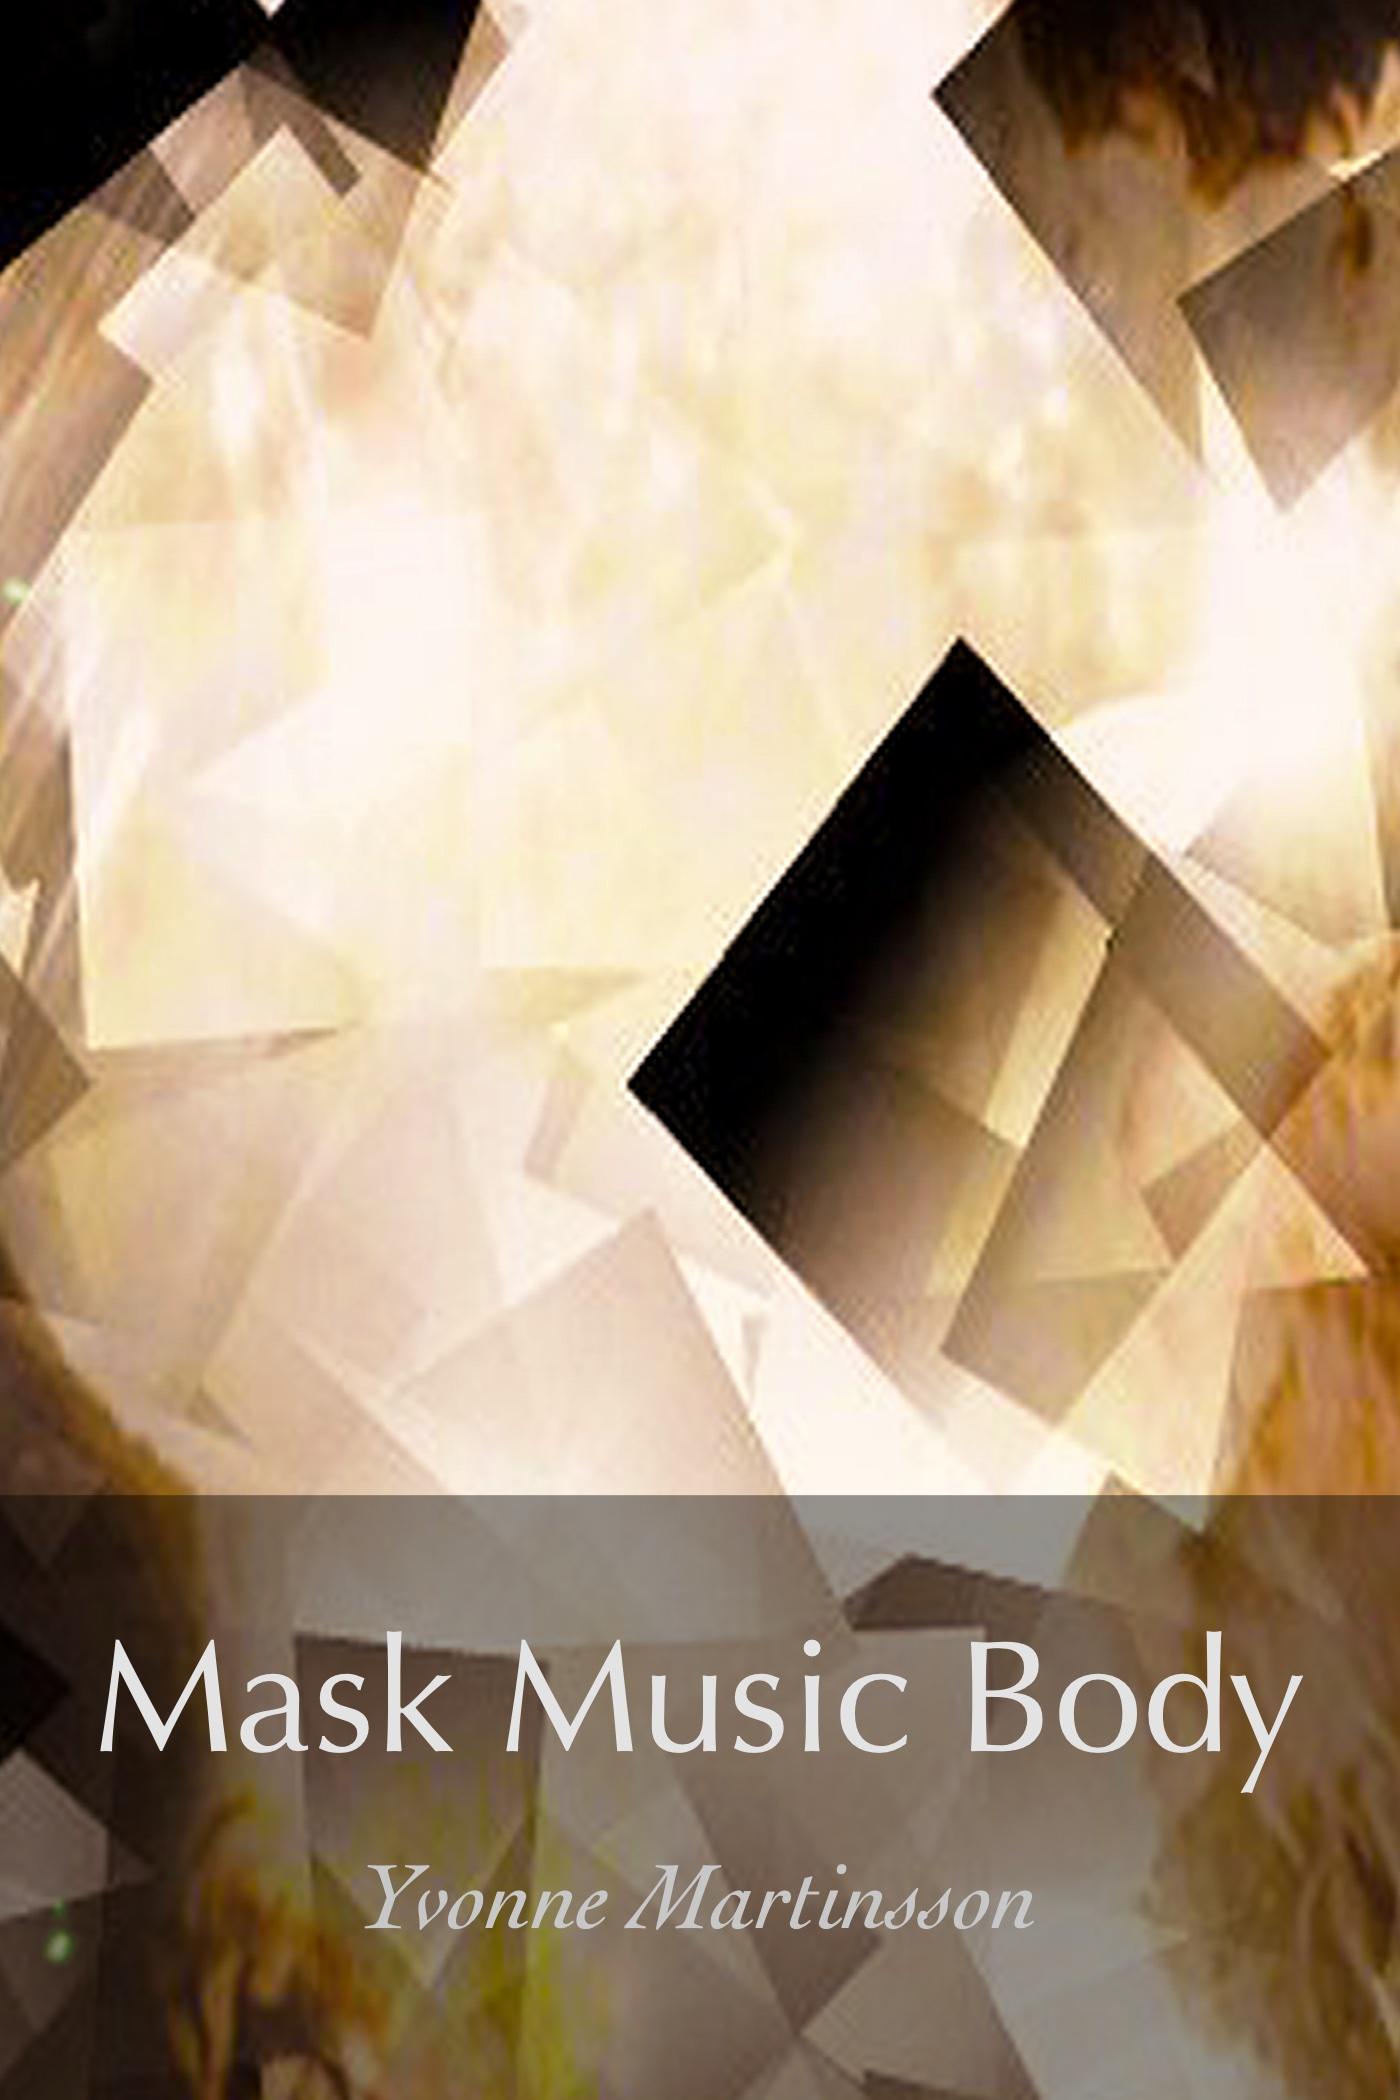 Mask Music Body